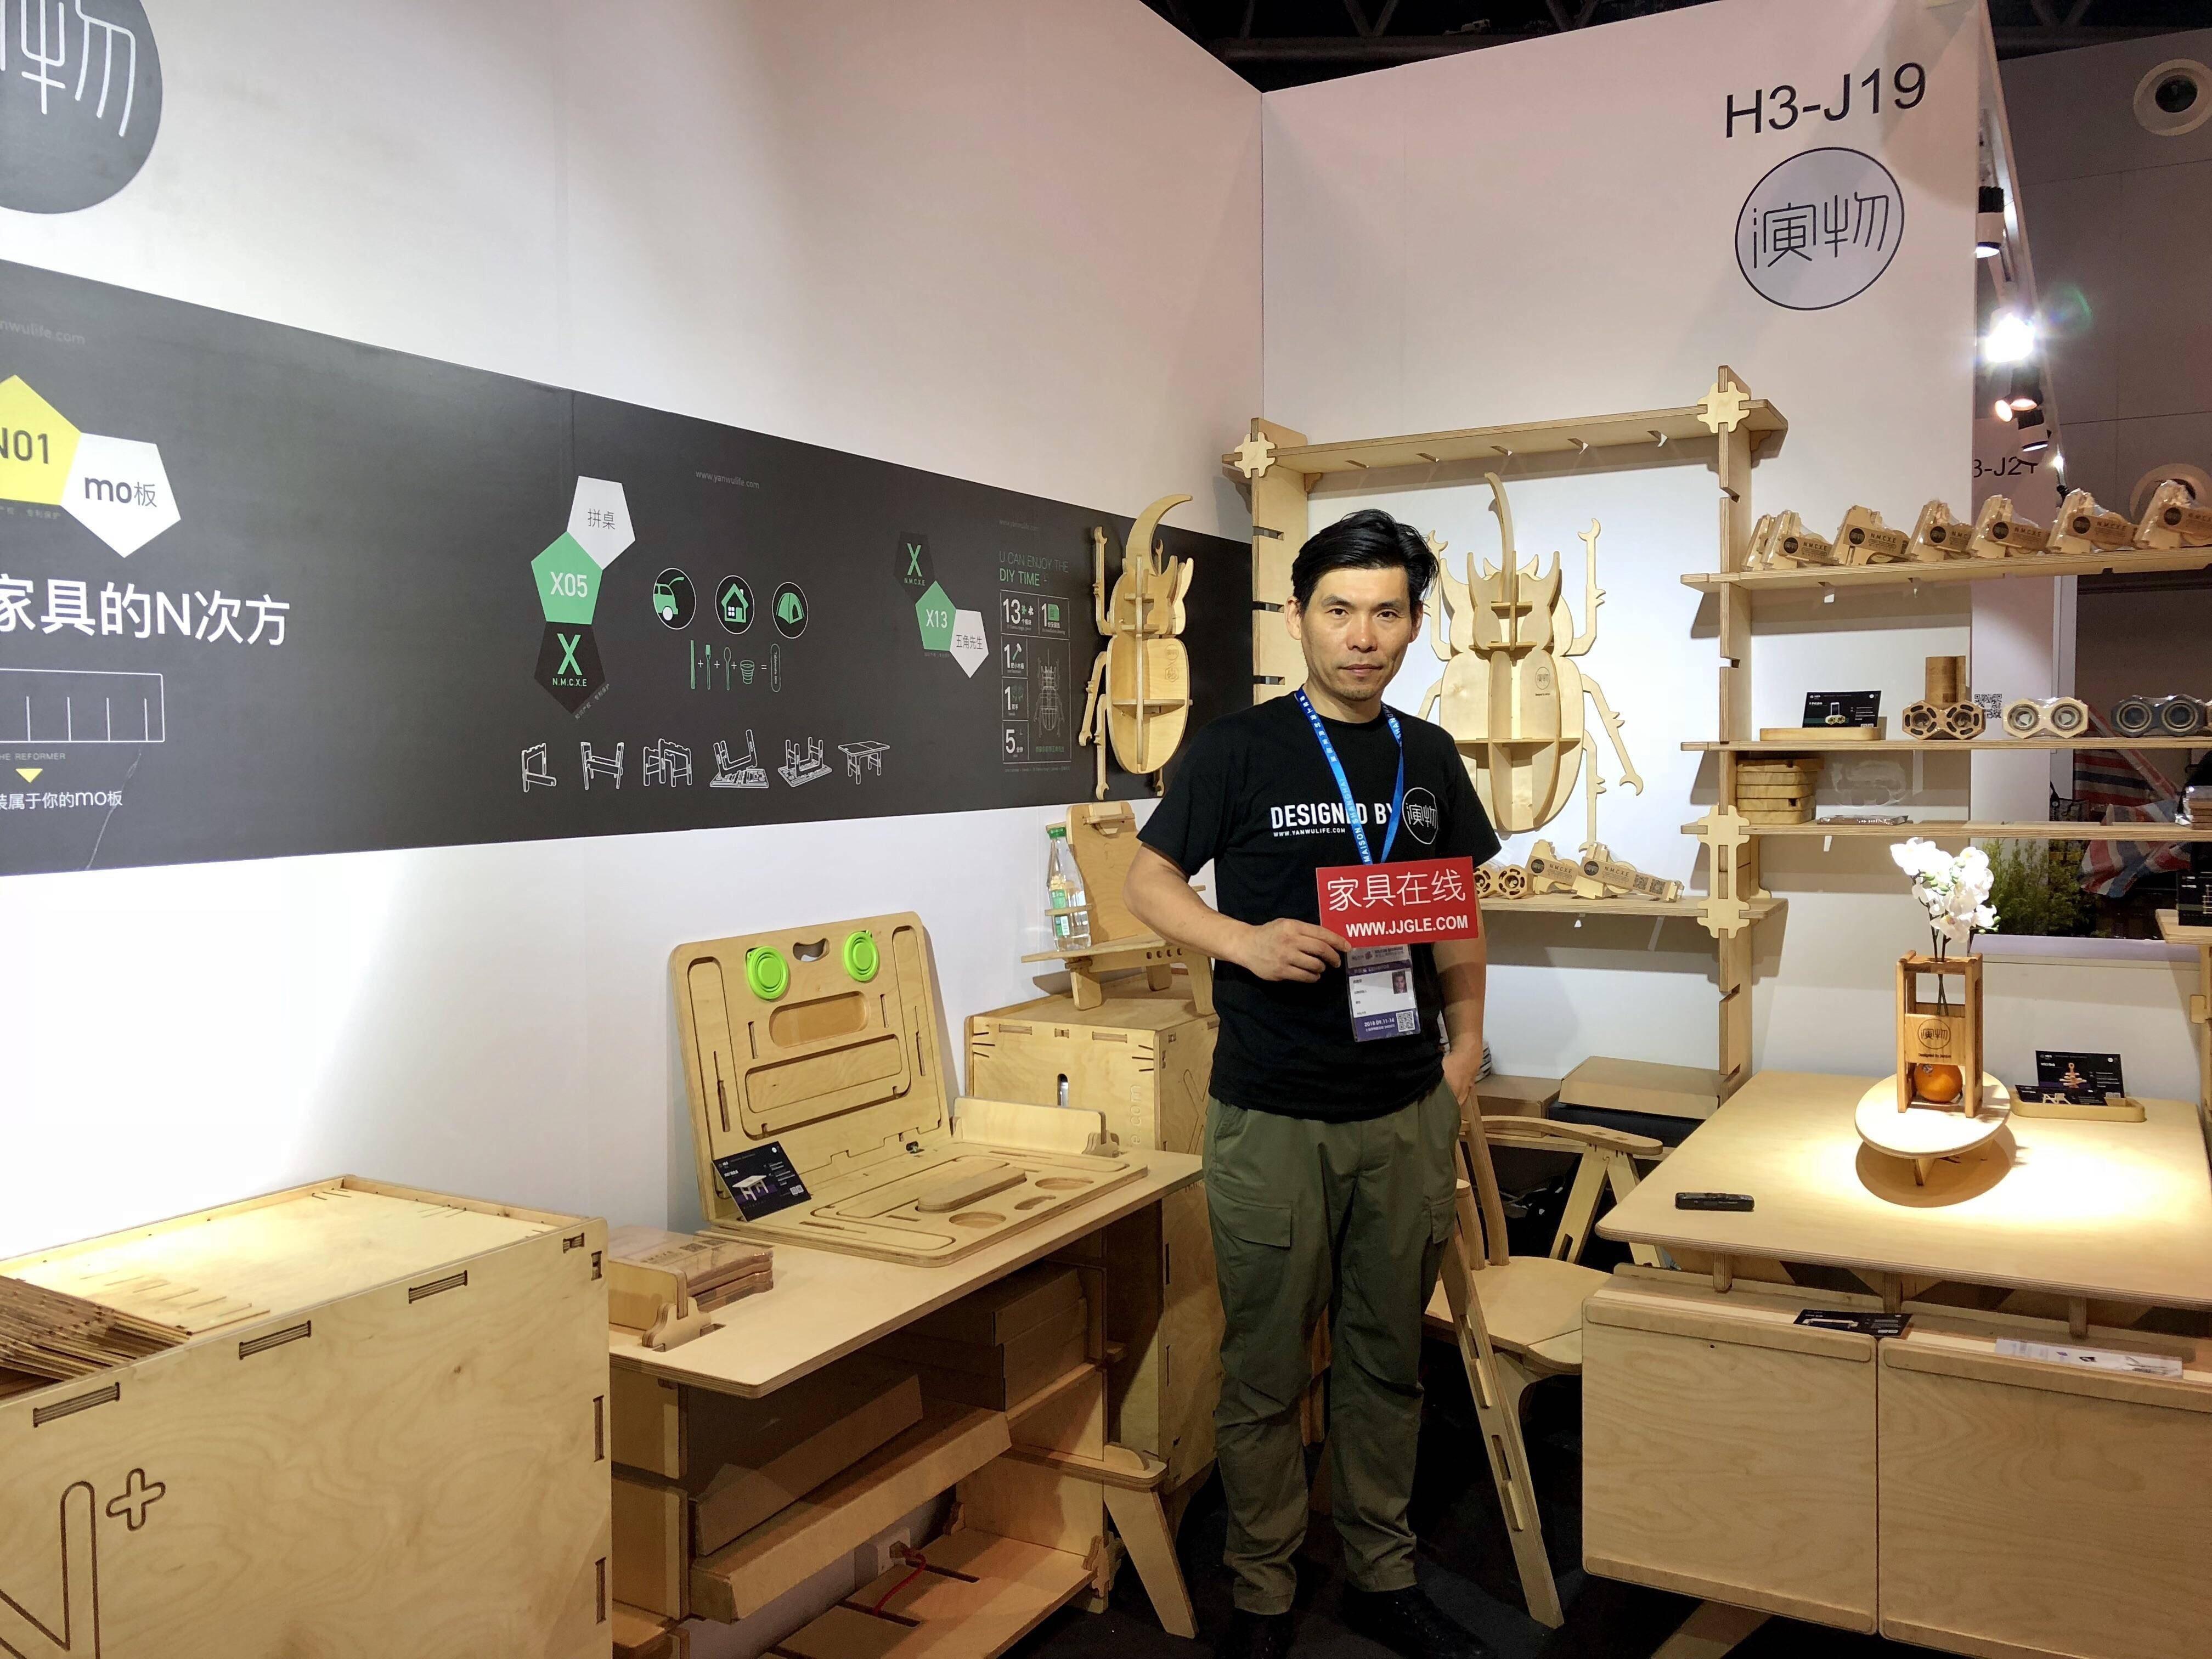 浦东家居双展展商访谈   演物:设计创造生活